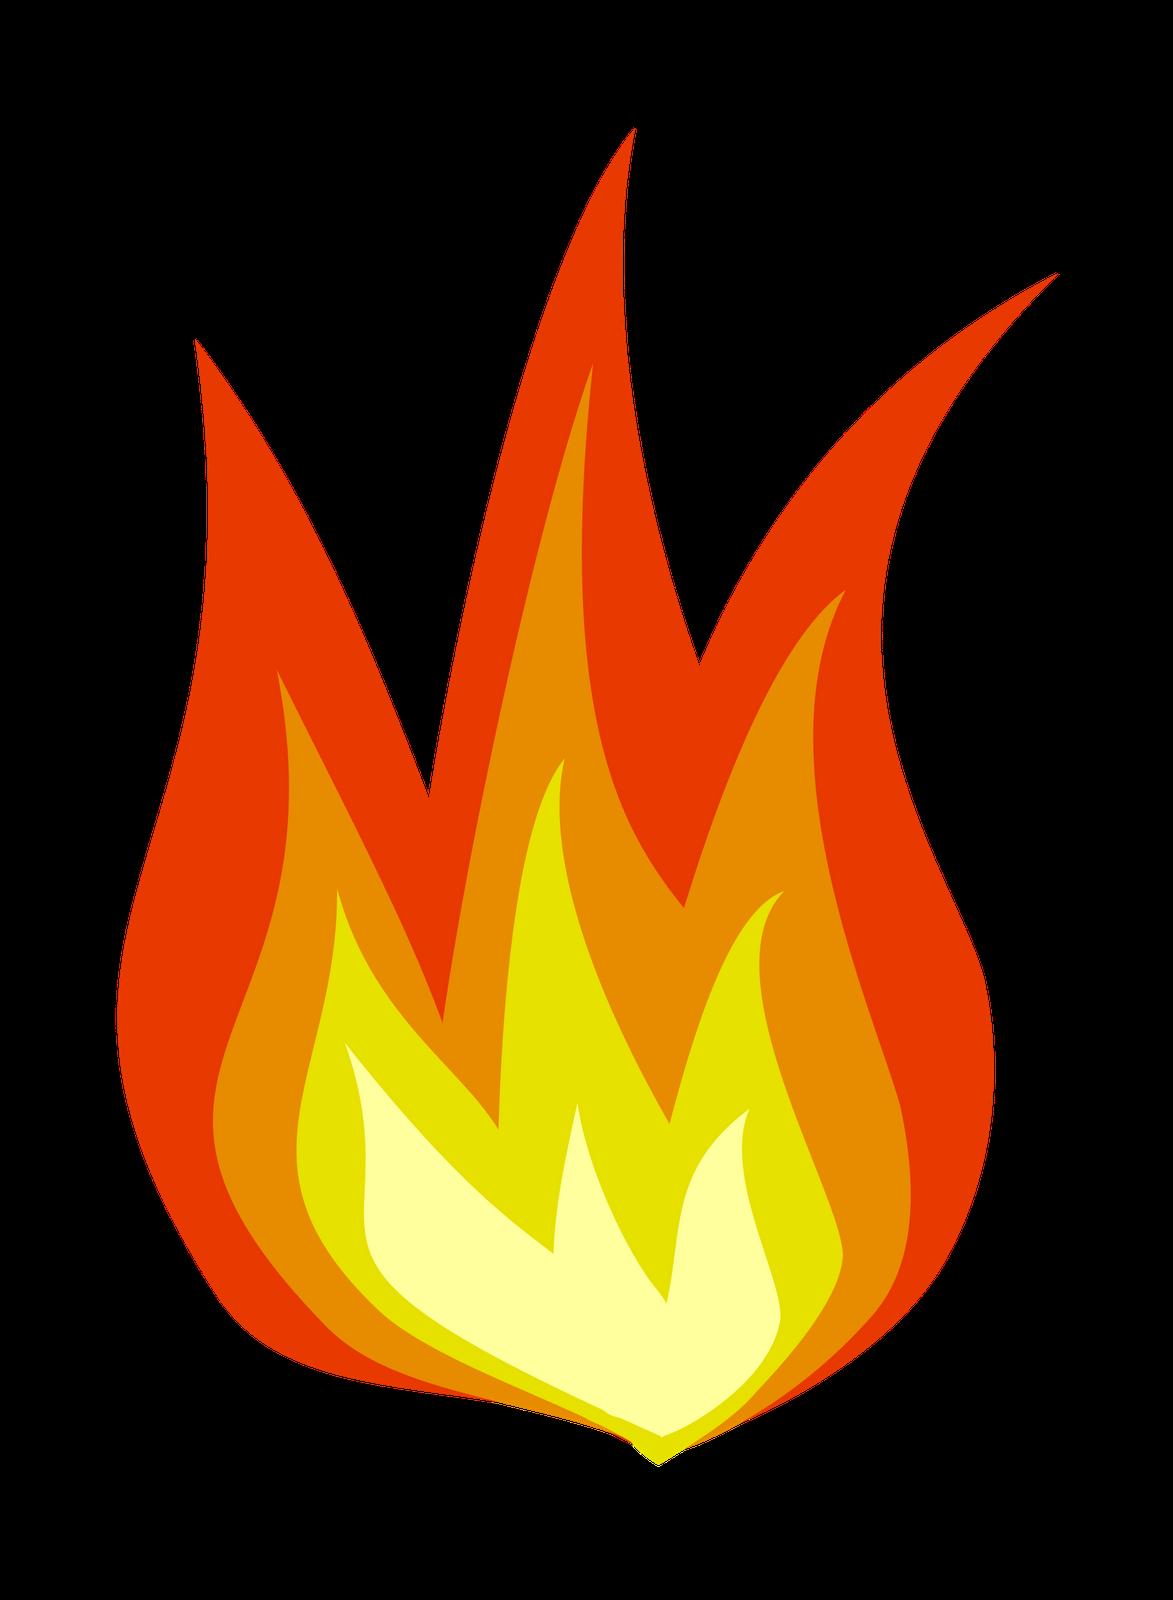 Fire Clip art.